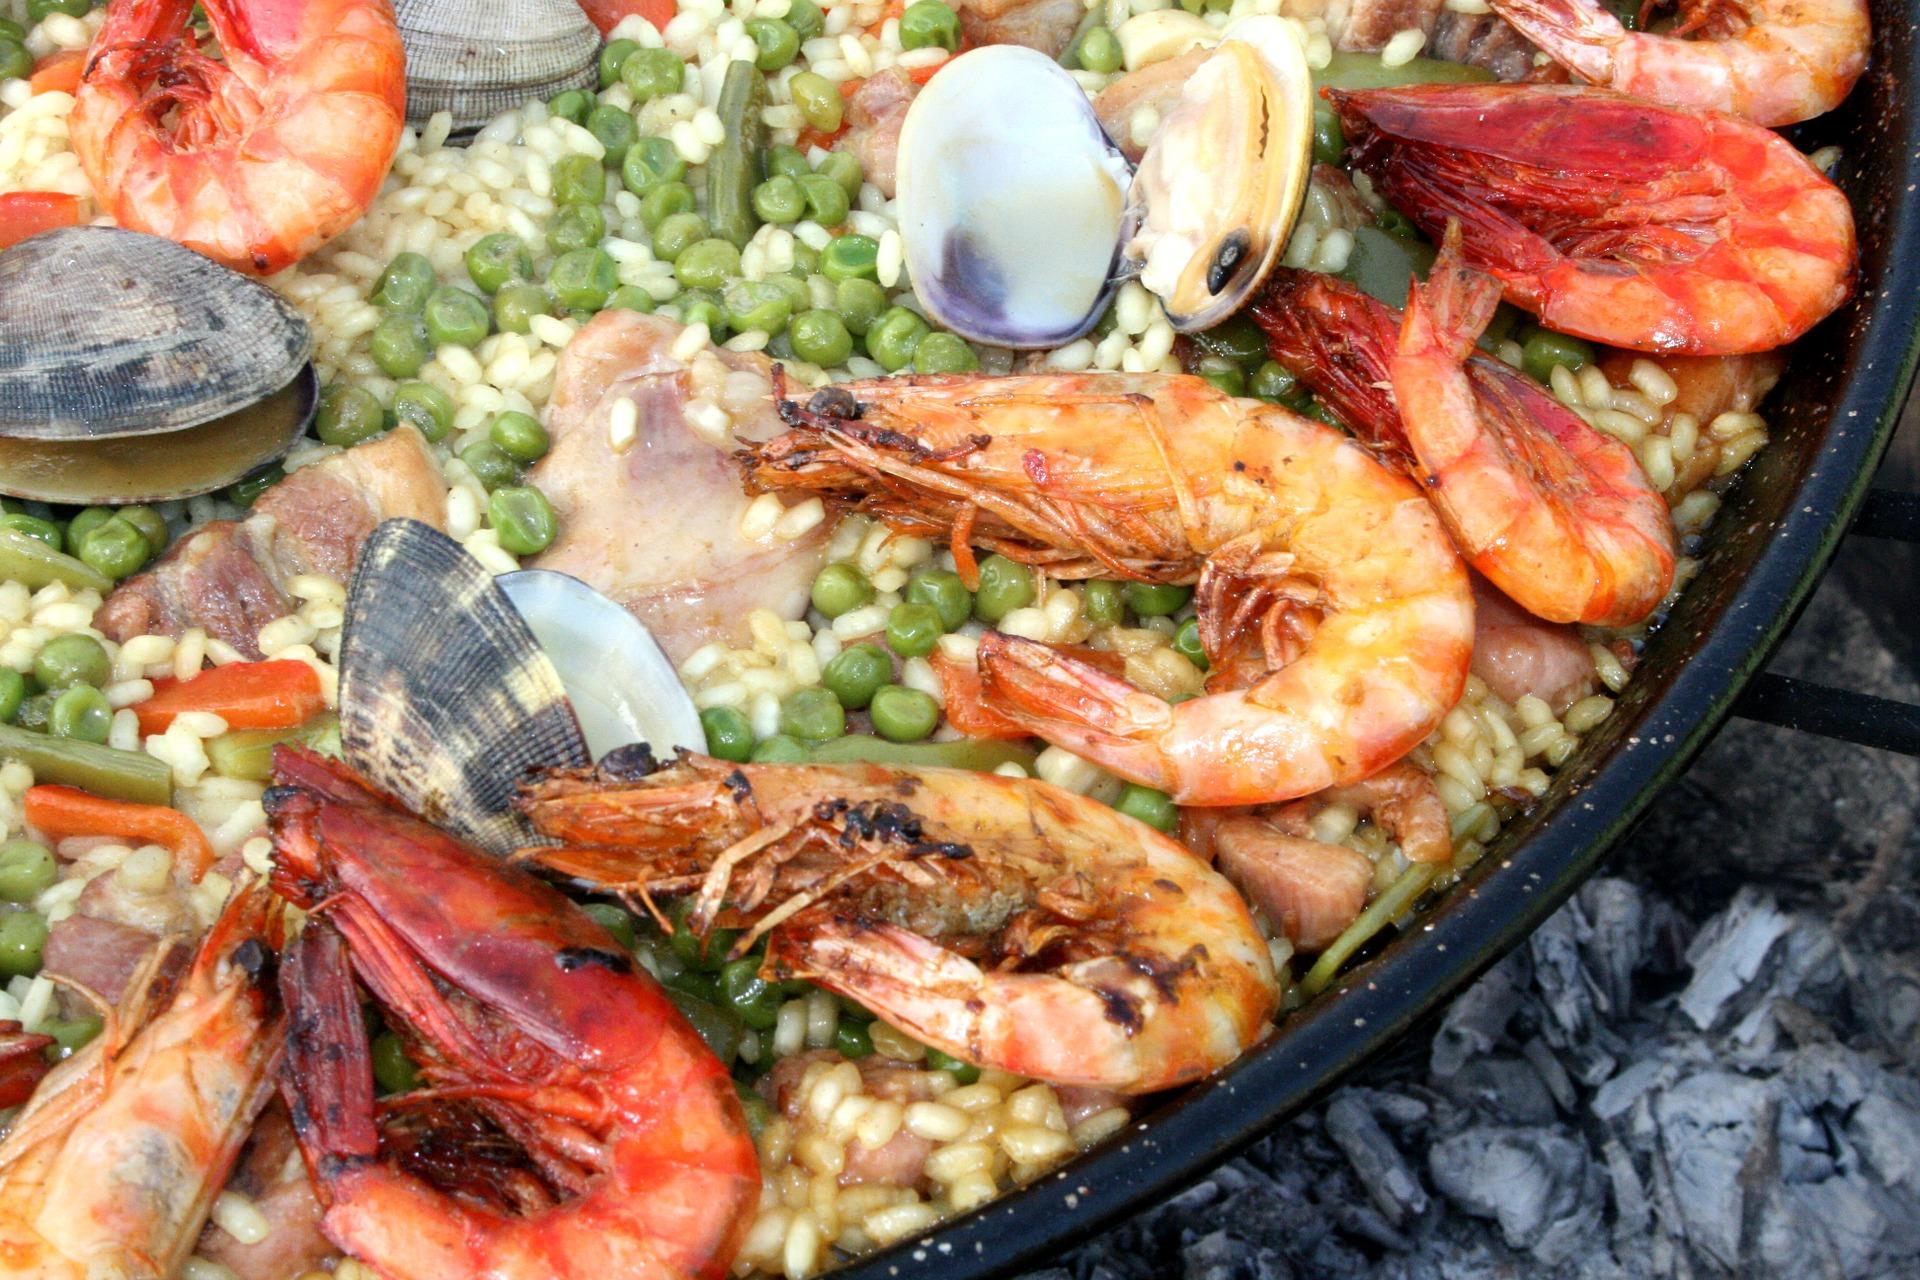 Tydzień hiszpański - poznaj smak kuchni hiszpańskiej z Lidlem